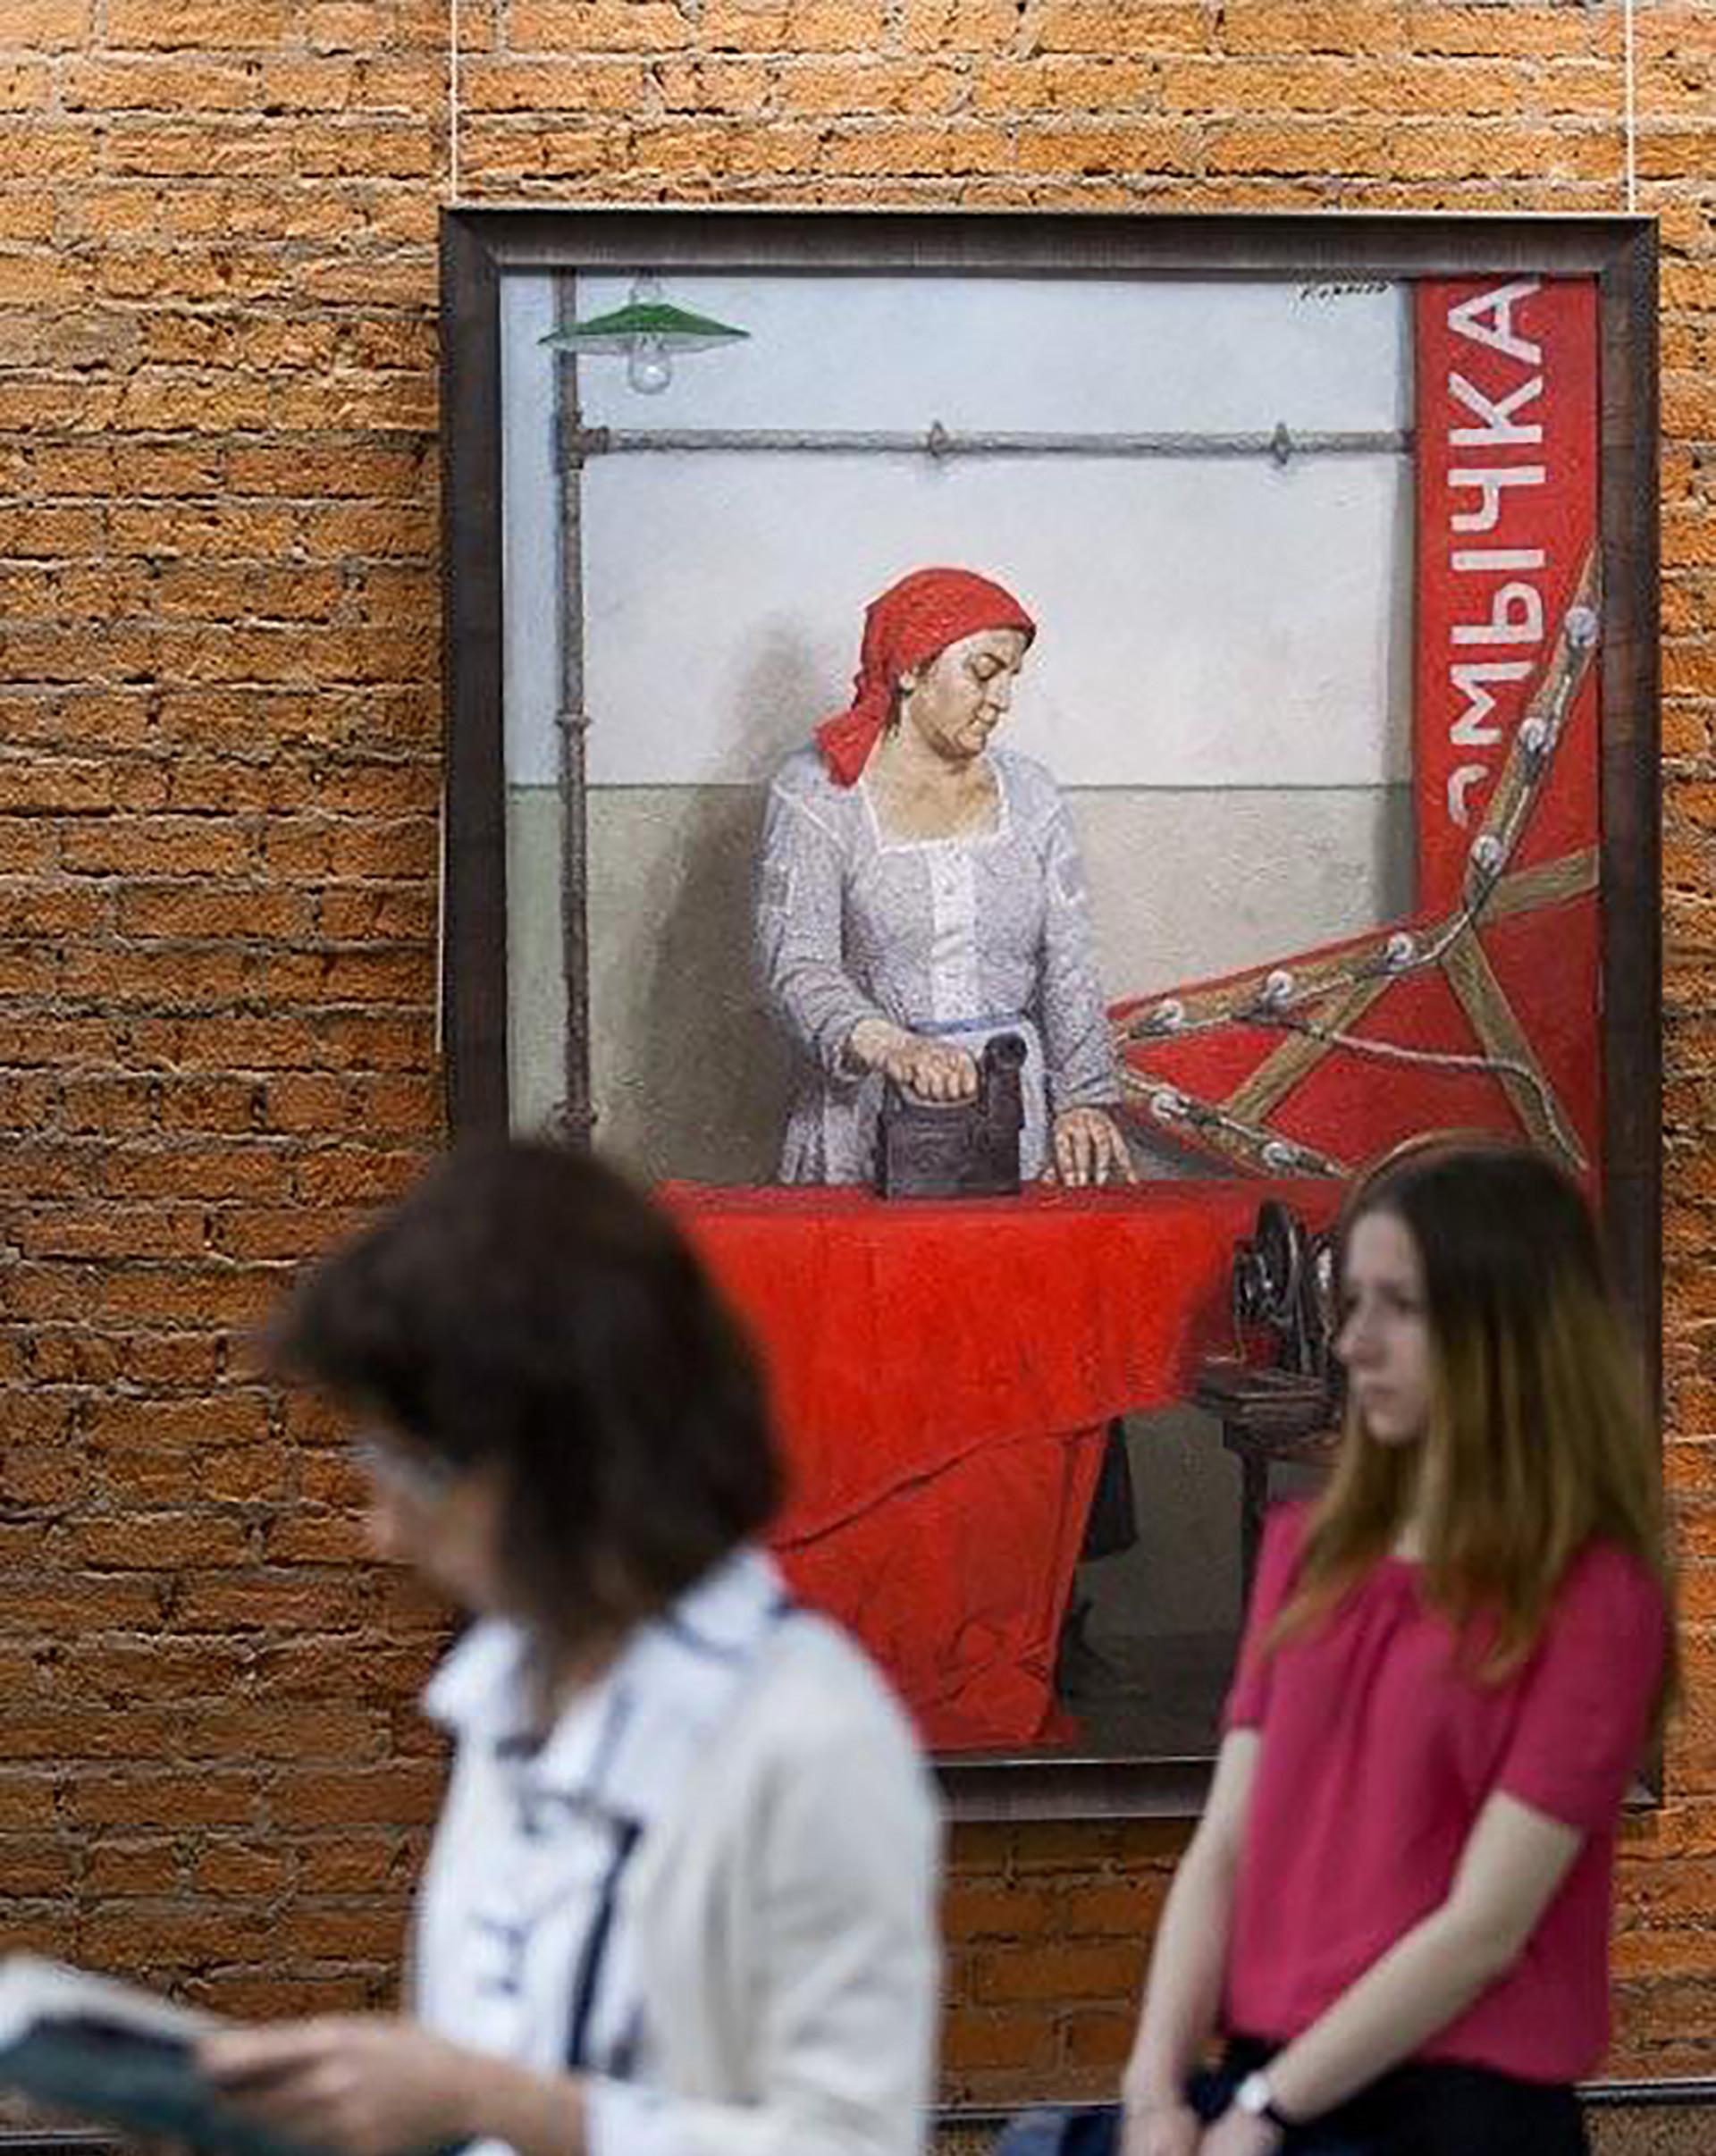 Pinturas e artes gráficas compõem acervo do Instituto de Arte Realista Russa.